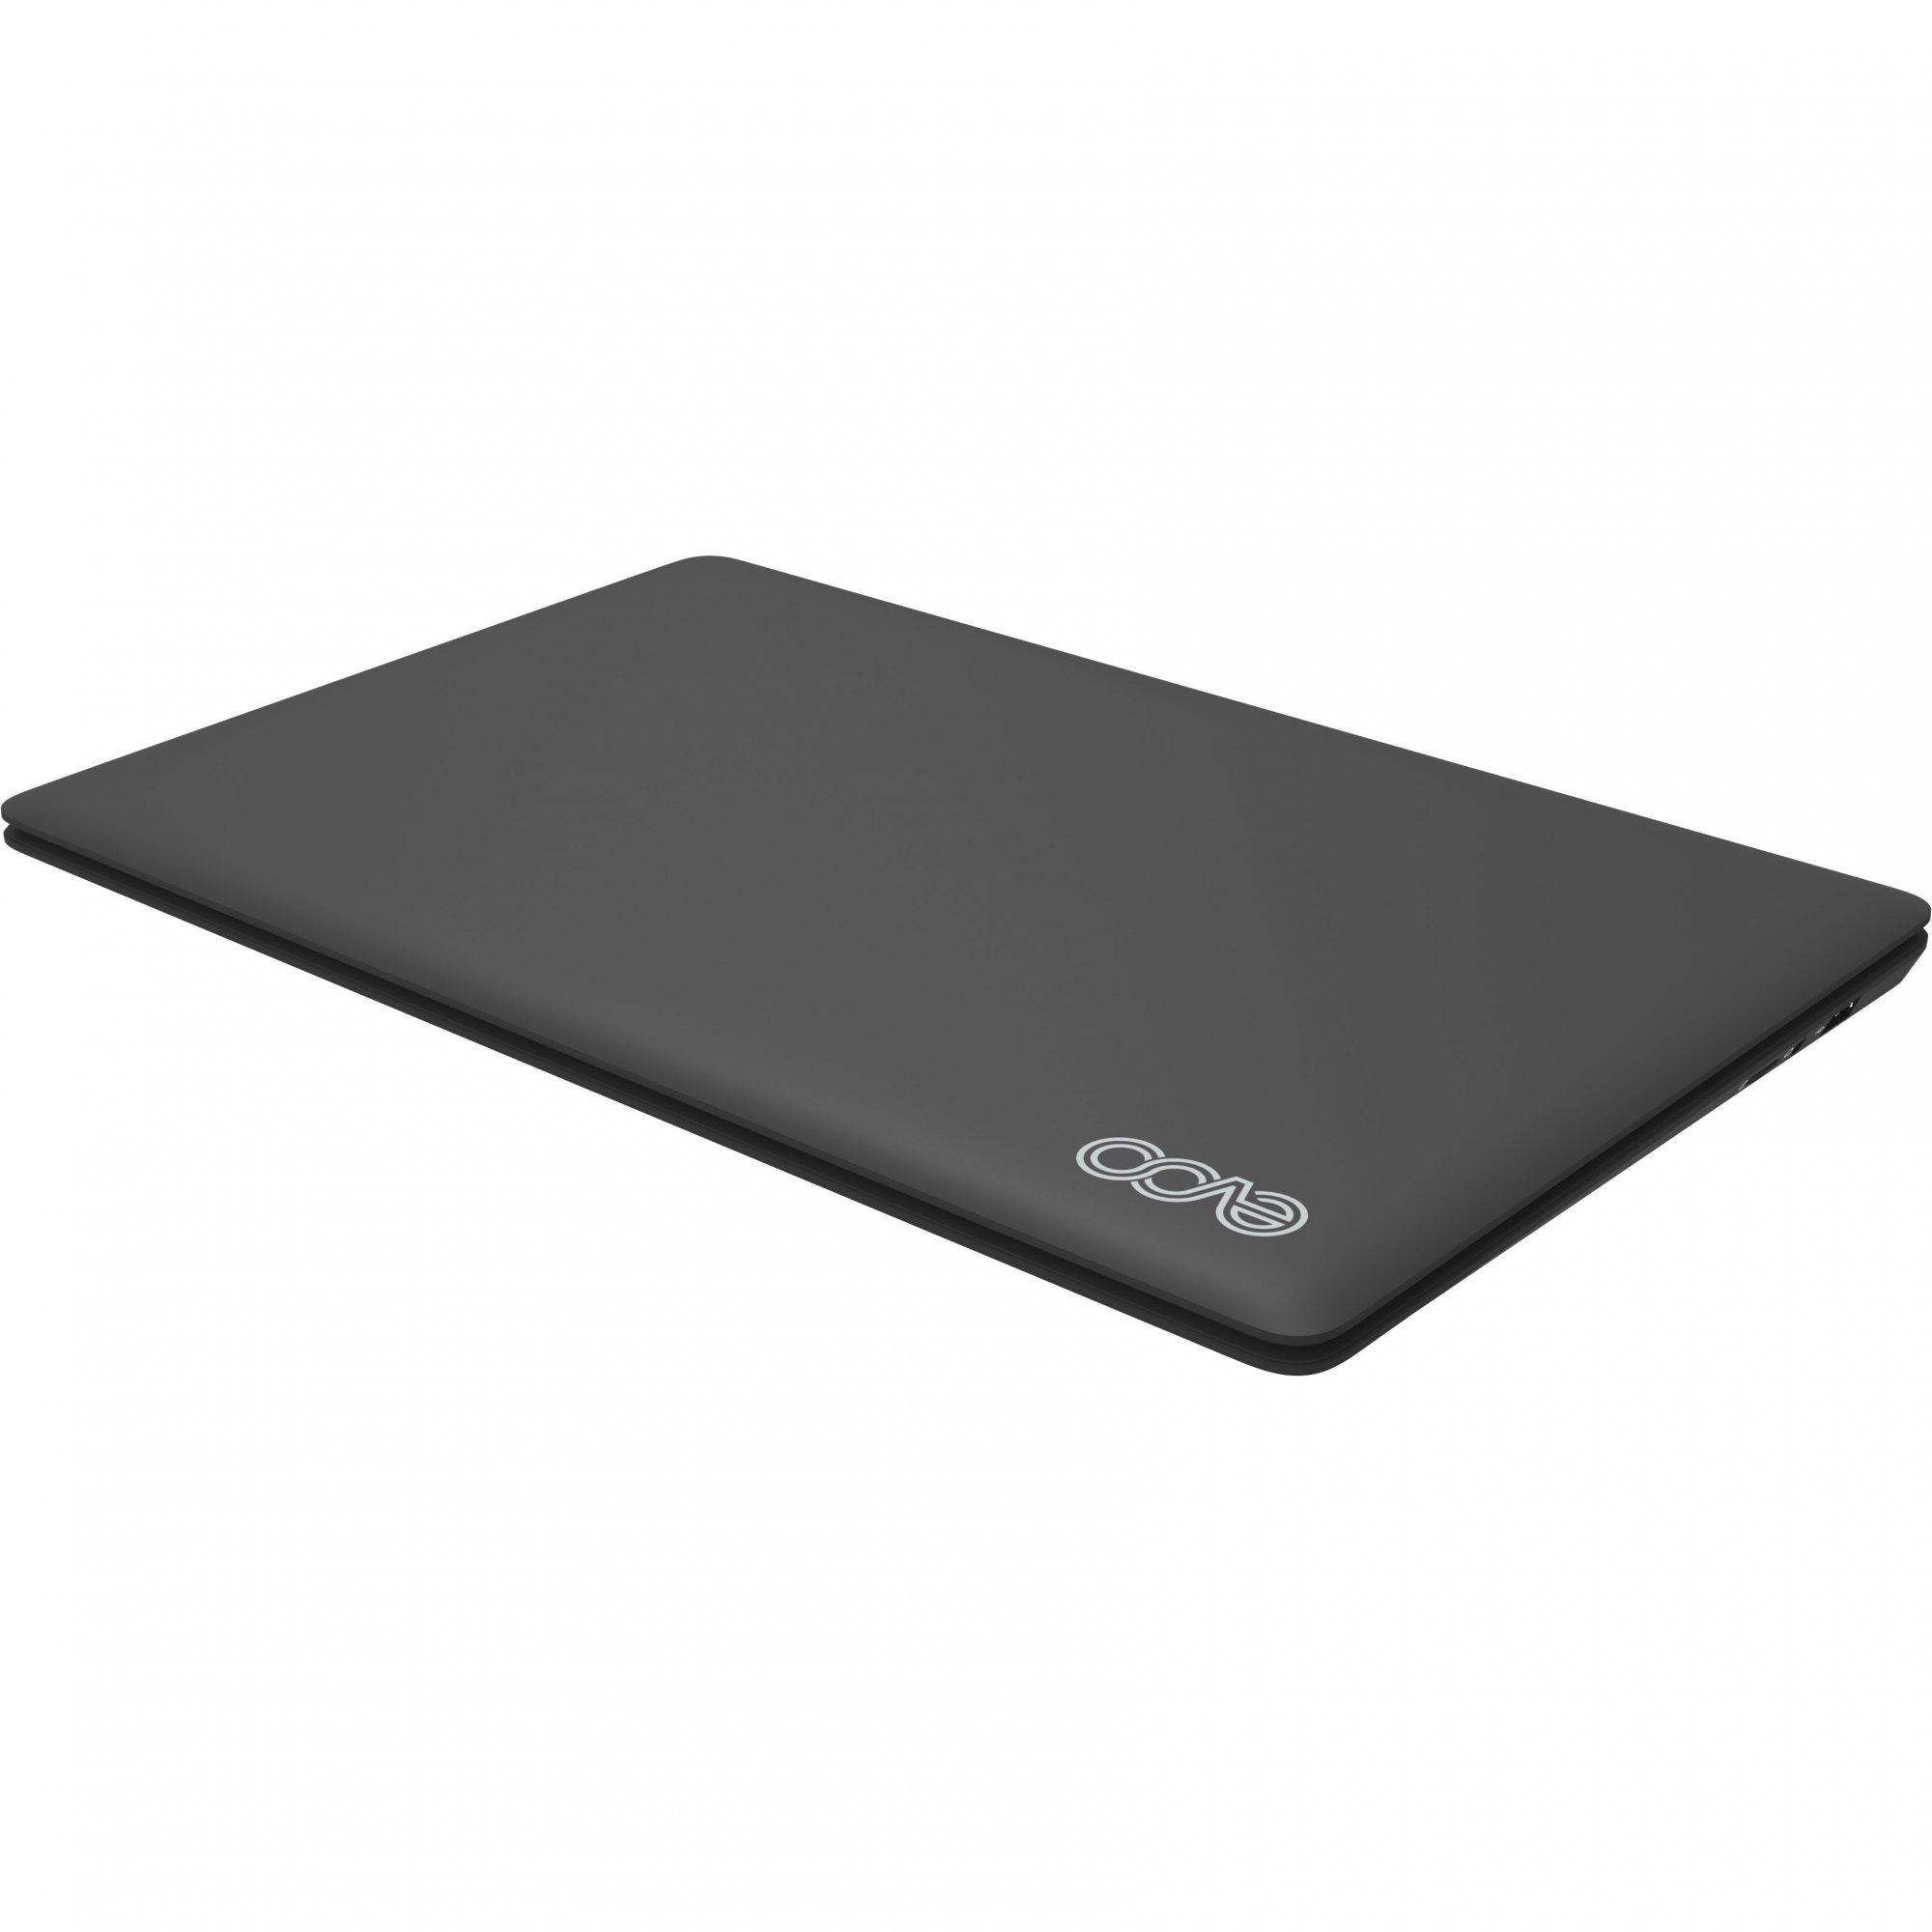 notebook evoo ultra thin evc156 2bk intel i7 7560u 8gb 256ssd 156 preto w10 51146 2000 203415